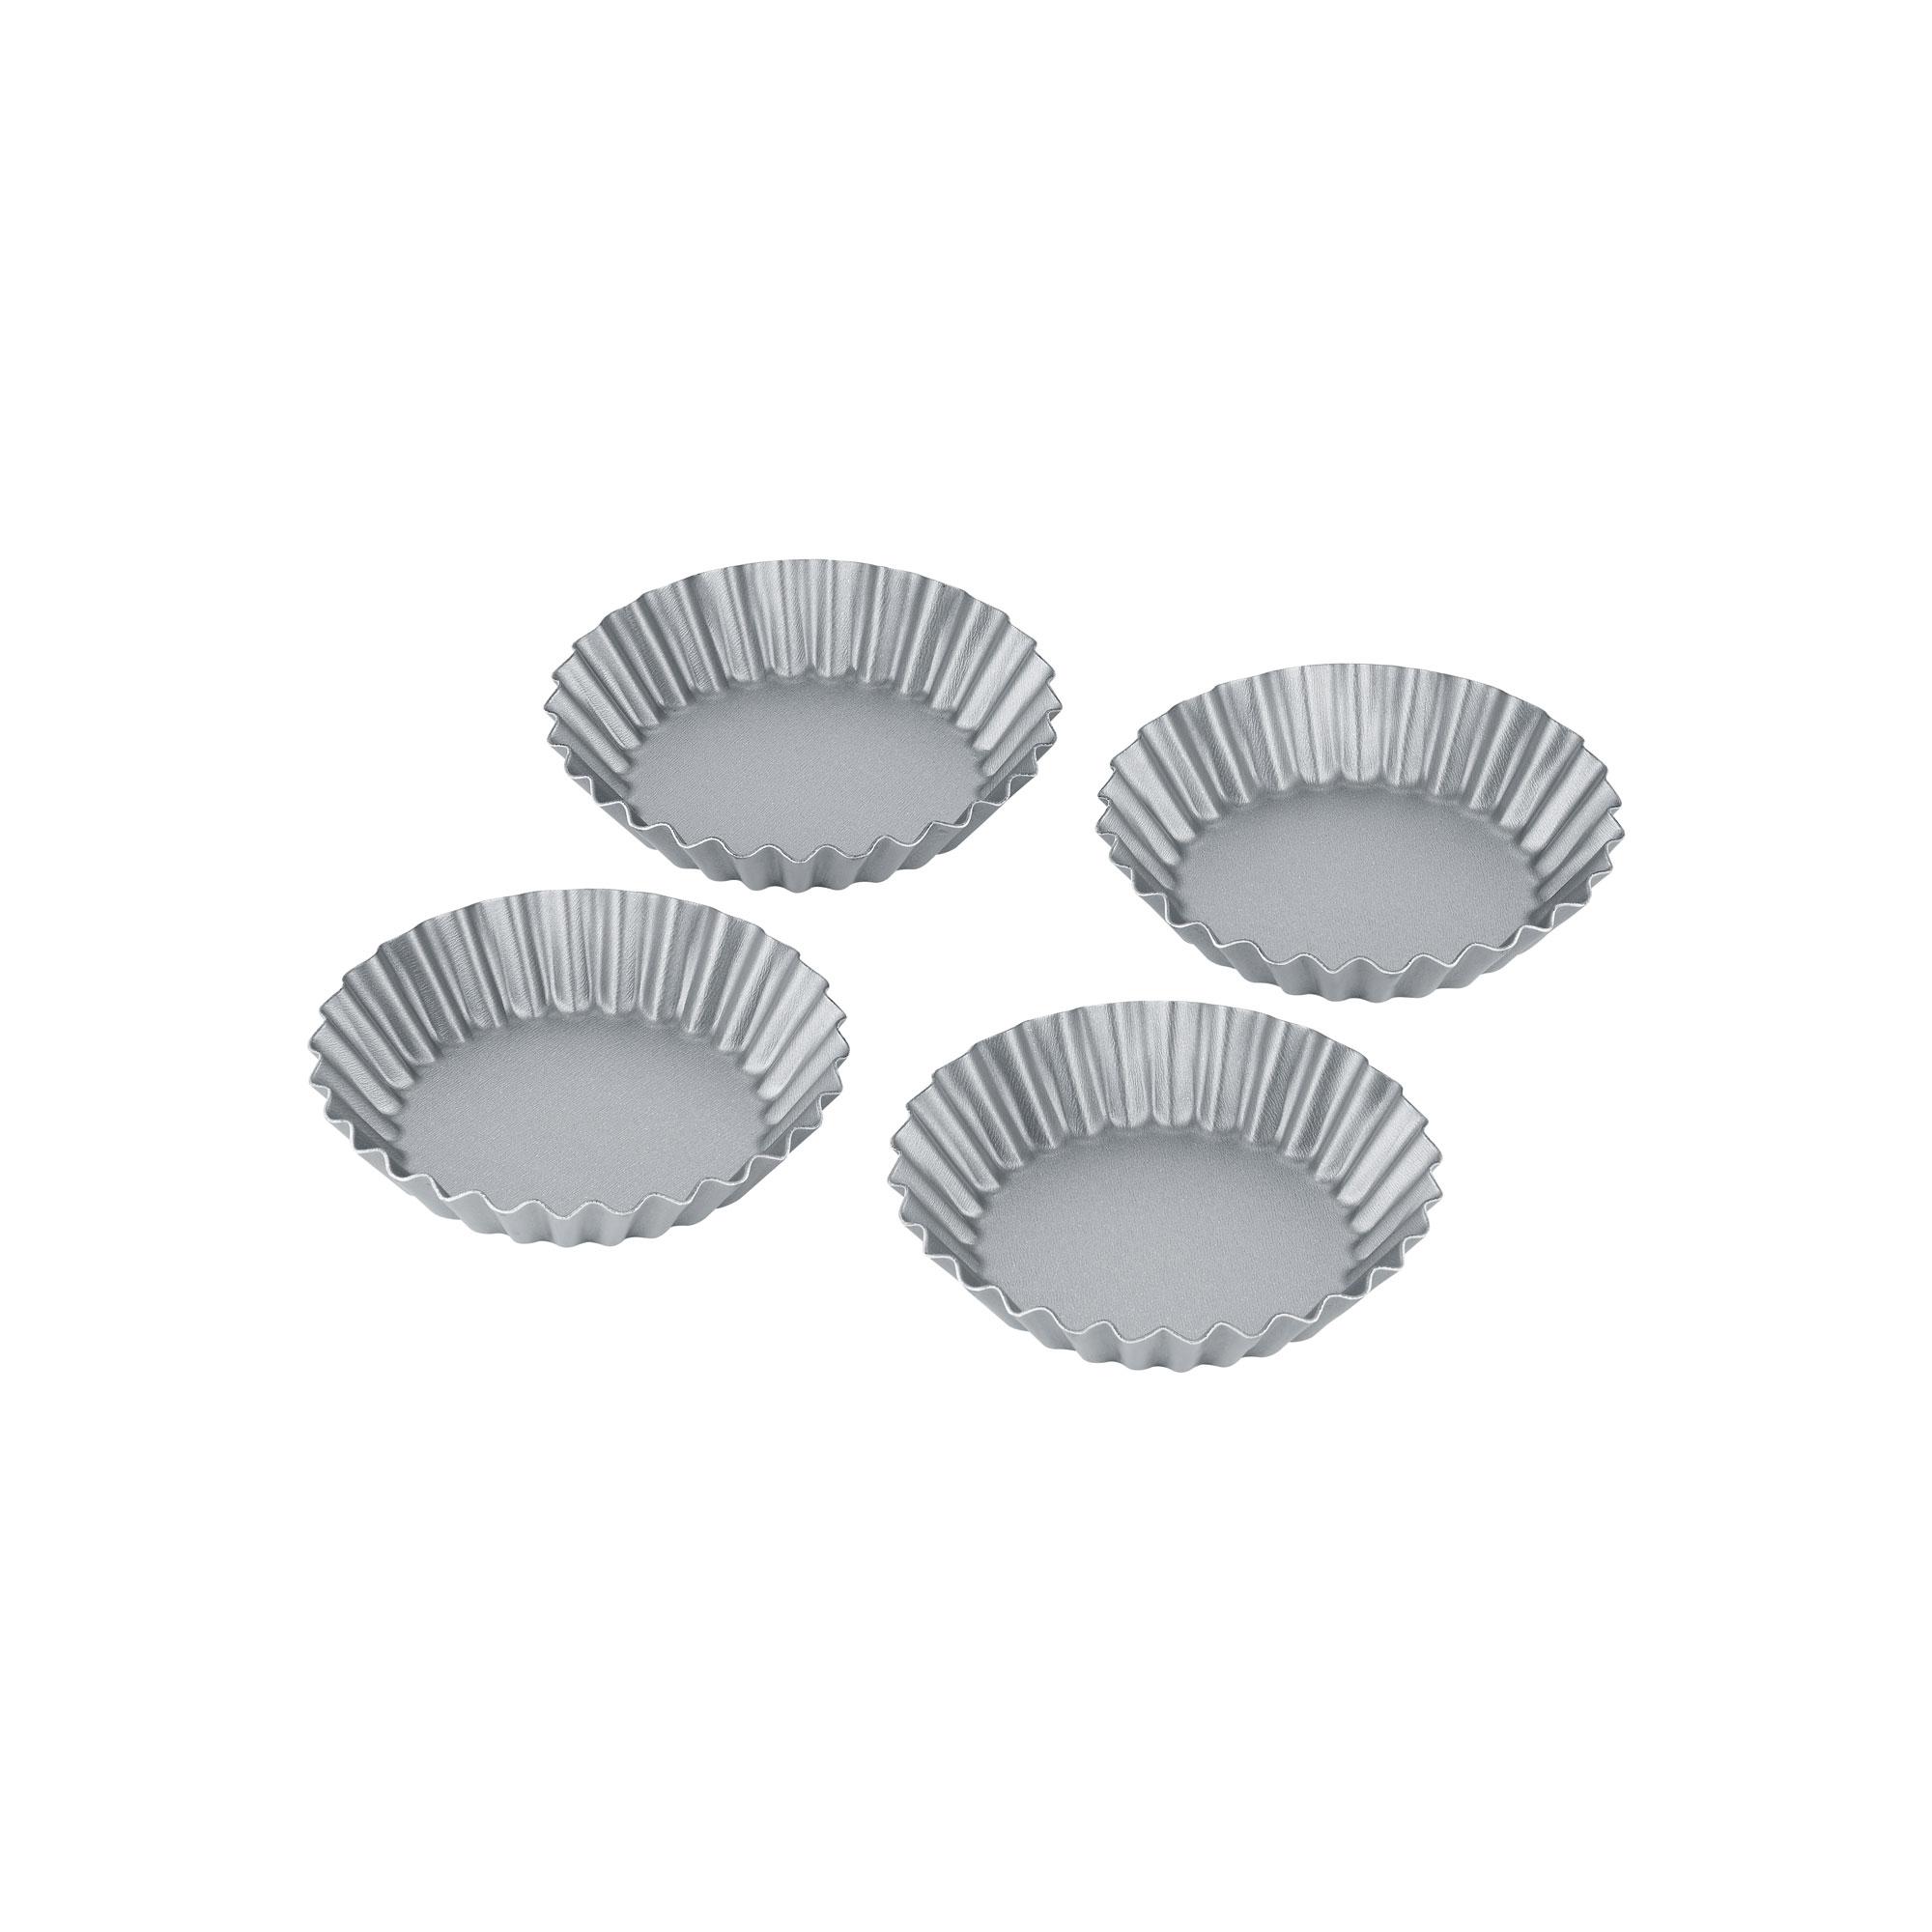 Mini-tartelettes 11 cm, 4 pcs, set